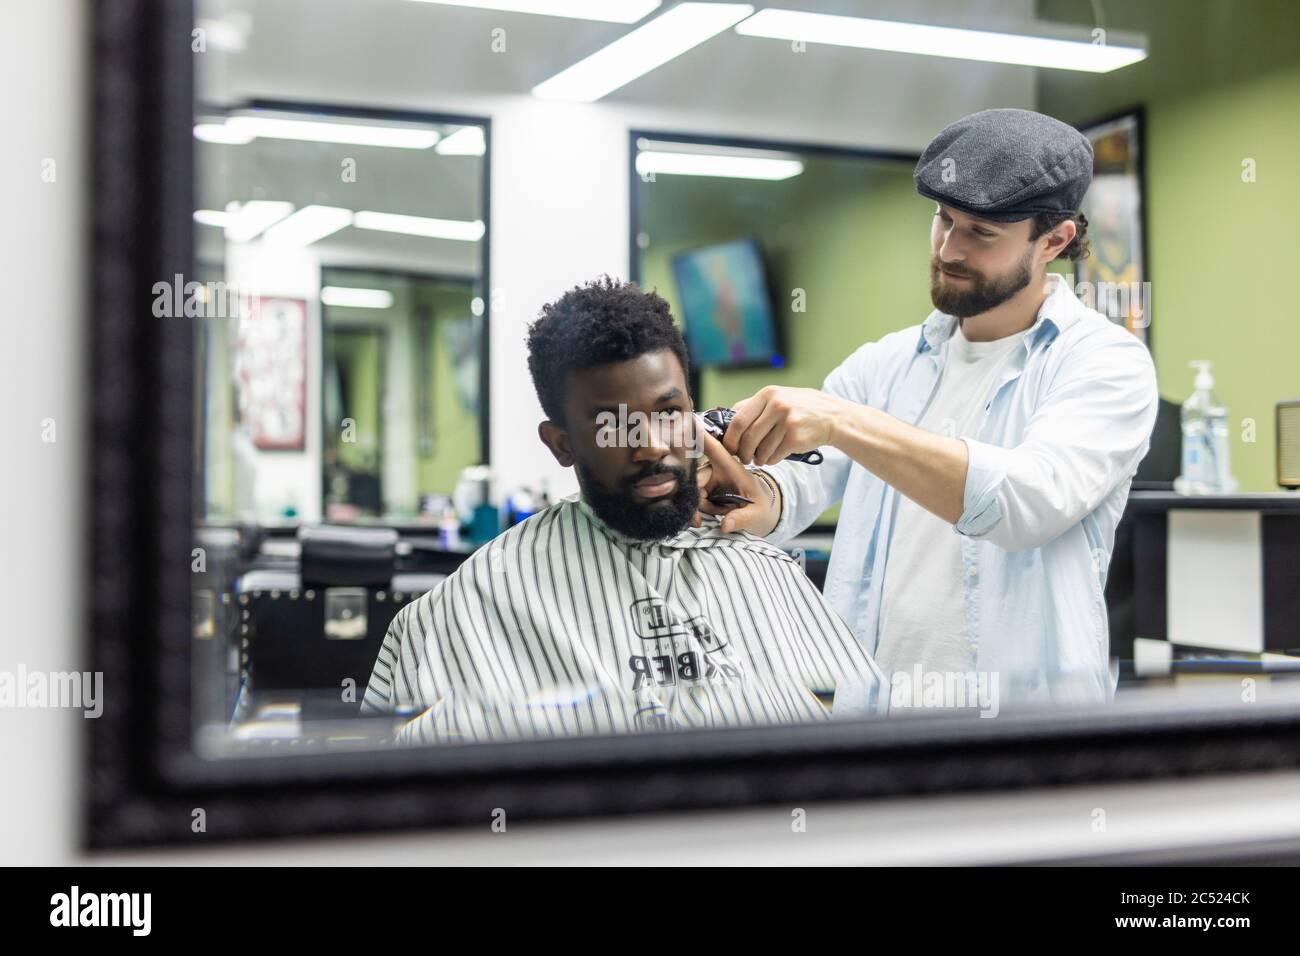 Jeune homme noir heureux en train d'être tondu avec une tondeuse électrique dans un salon de coiffure. Concept de soins de beauté pour hommes. Jeune homme africain souriant, qui devient nouveau Banque D'Images